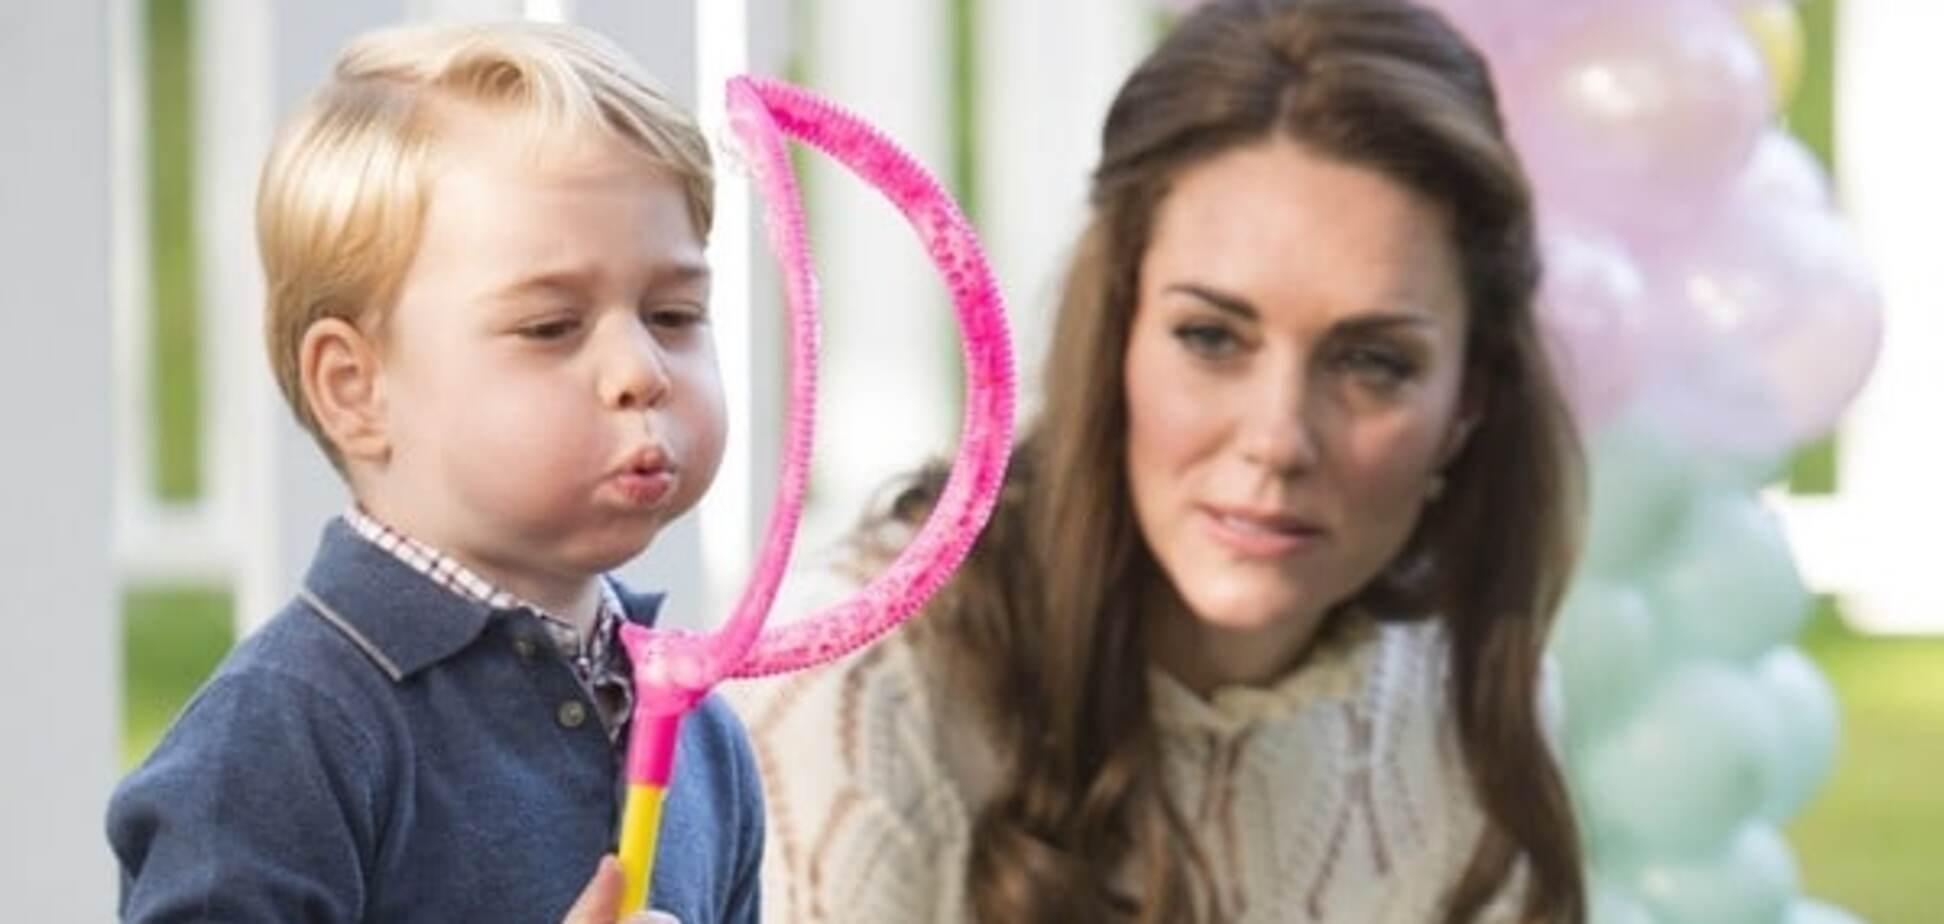 Кейт Міддлтон народить третю дитину до 2017 року - ставки букмекерів